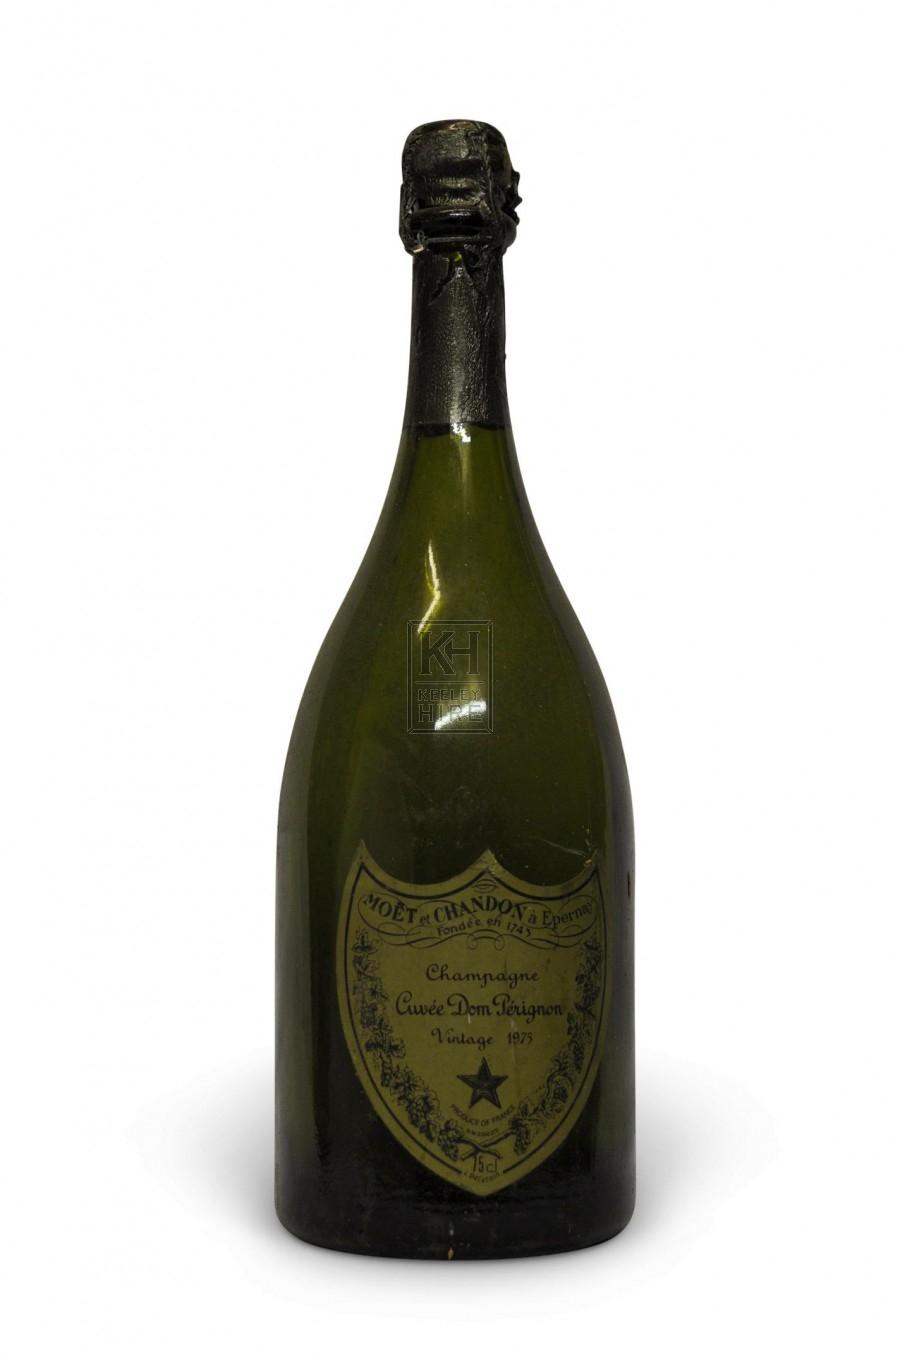 Champagne Bottle 1975